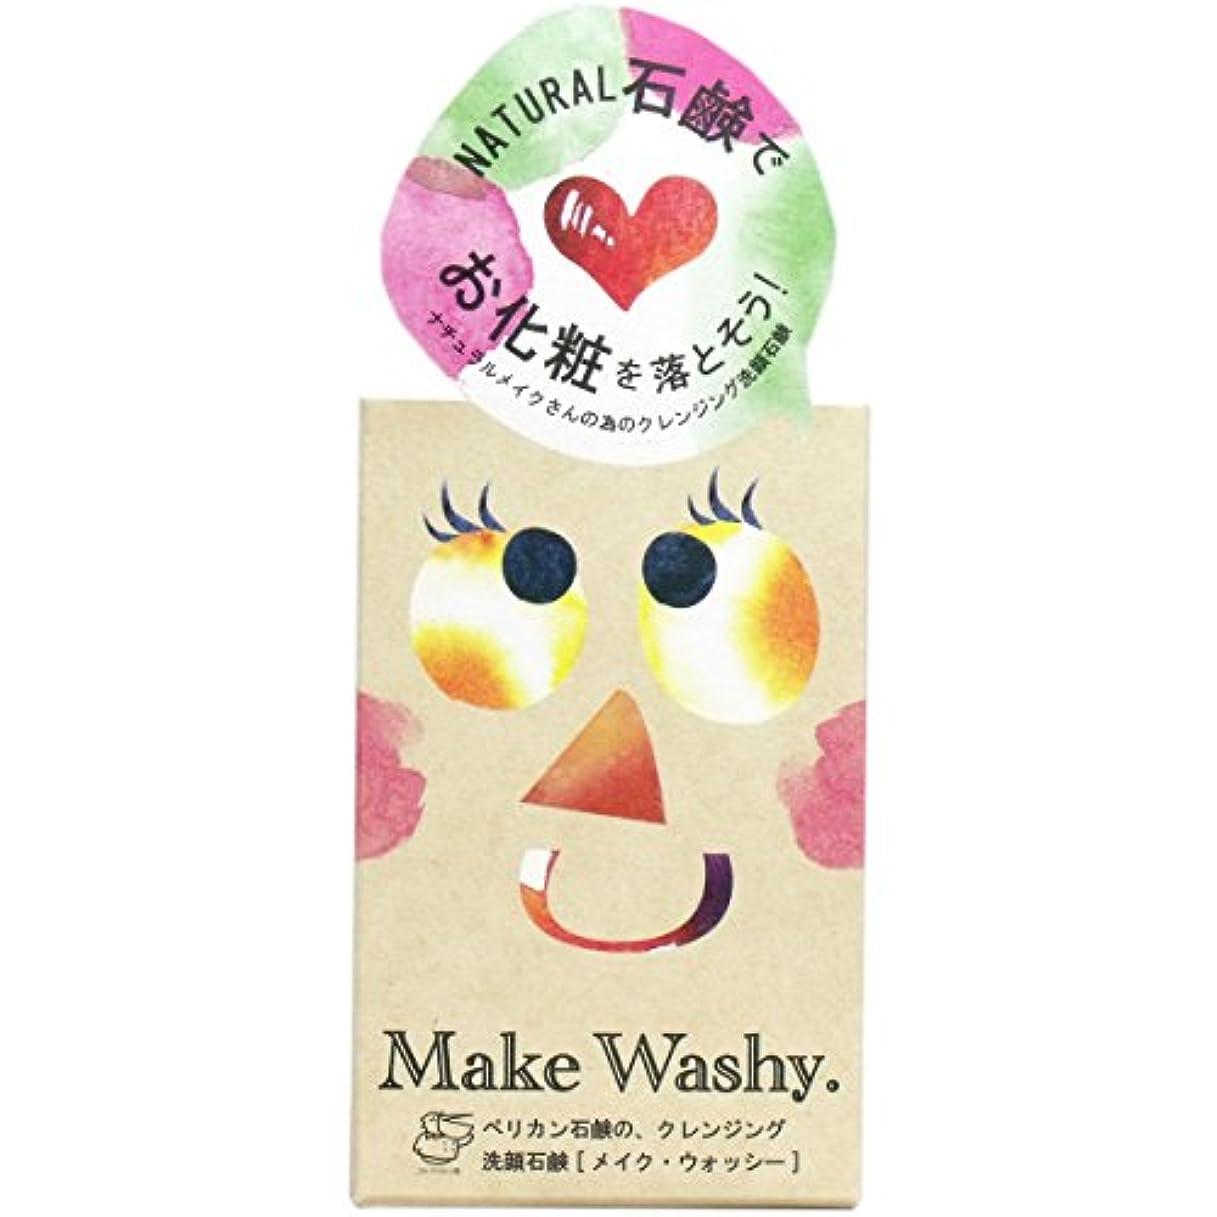 キュービック刃申請者メイクウォッシー 洗顔石鹸 × 5個セット